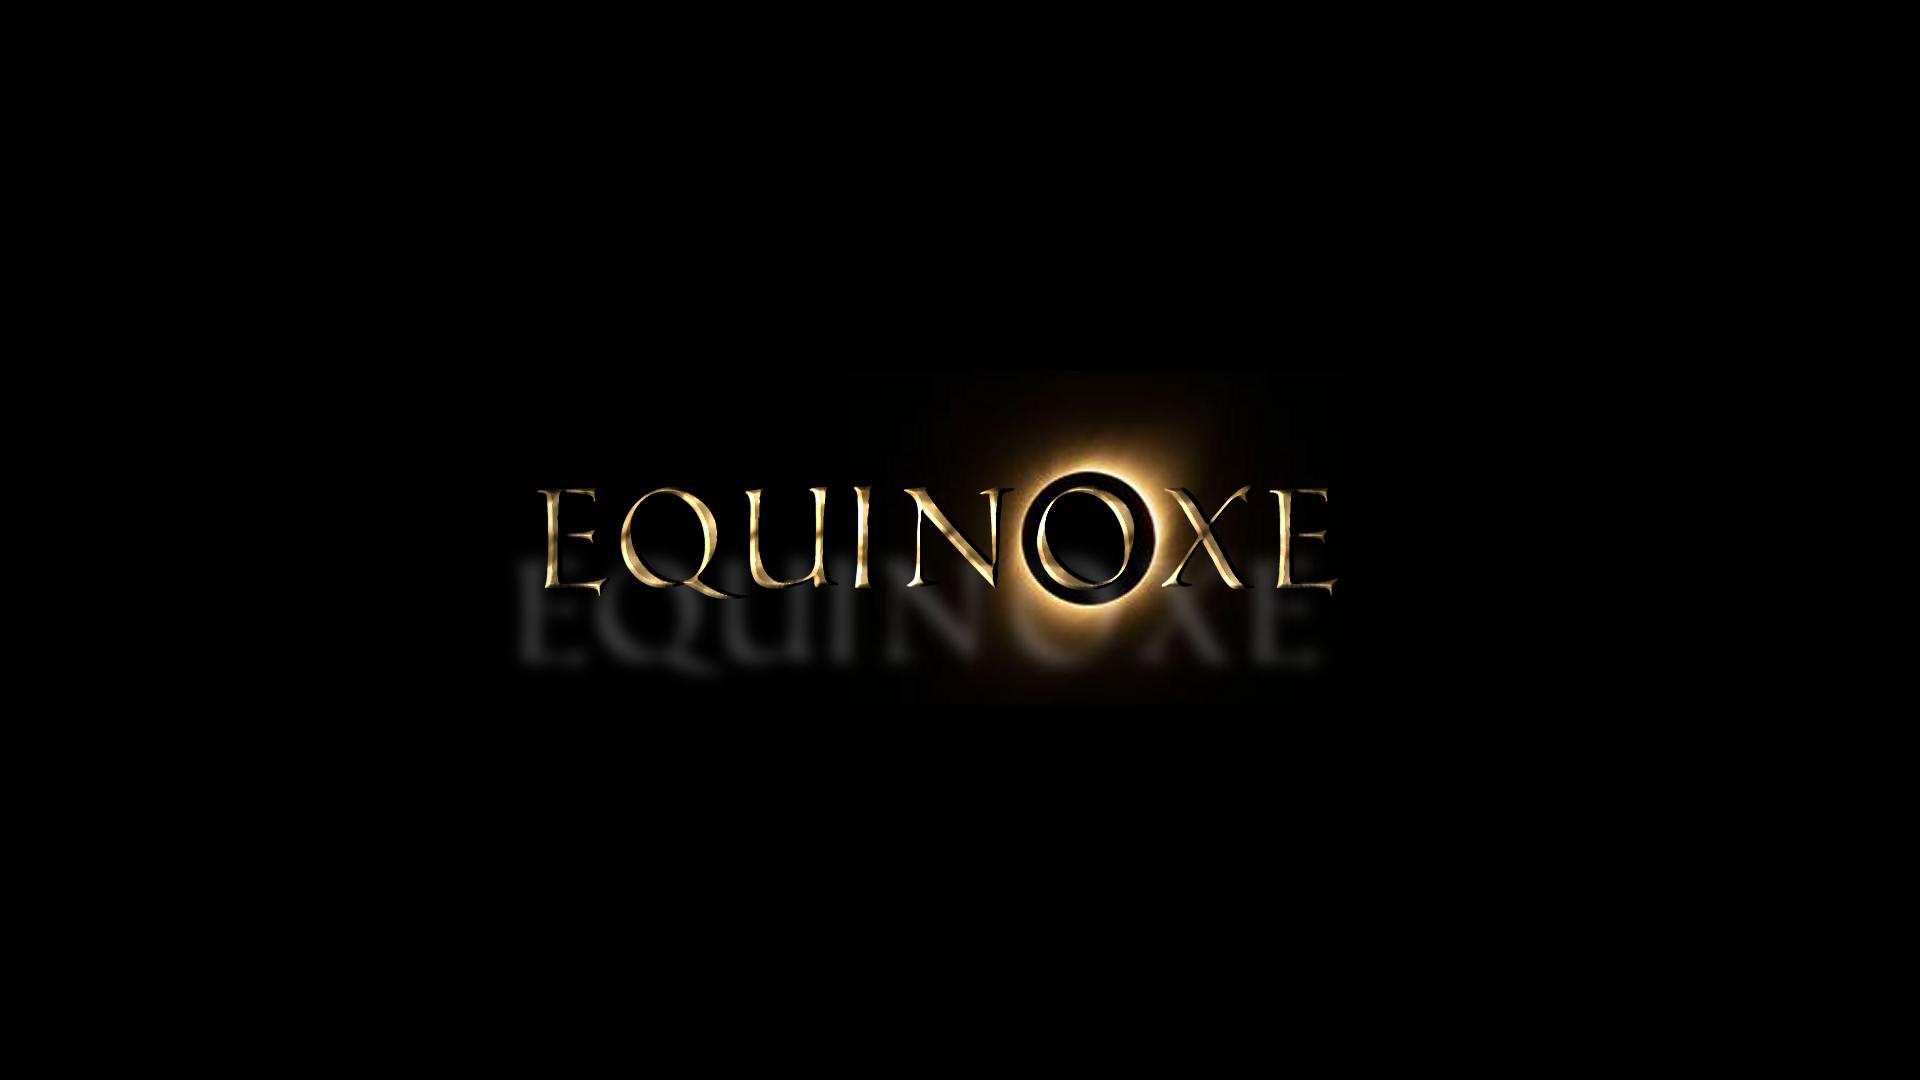 Equinoxe1